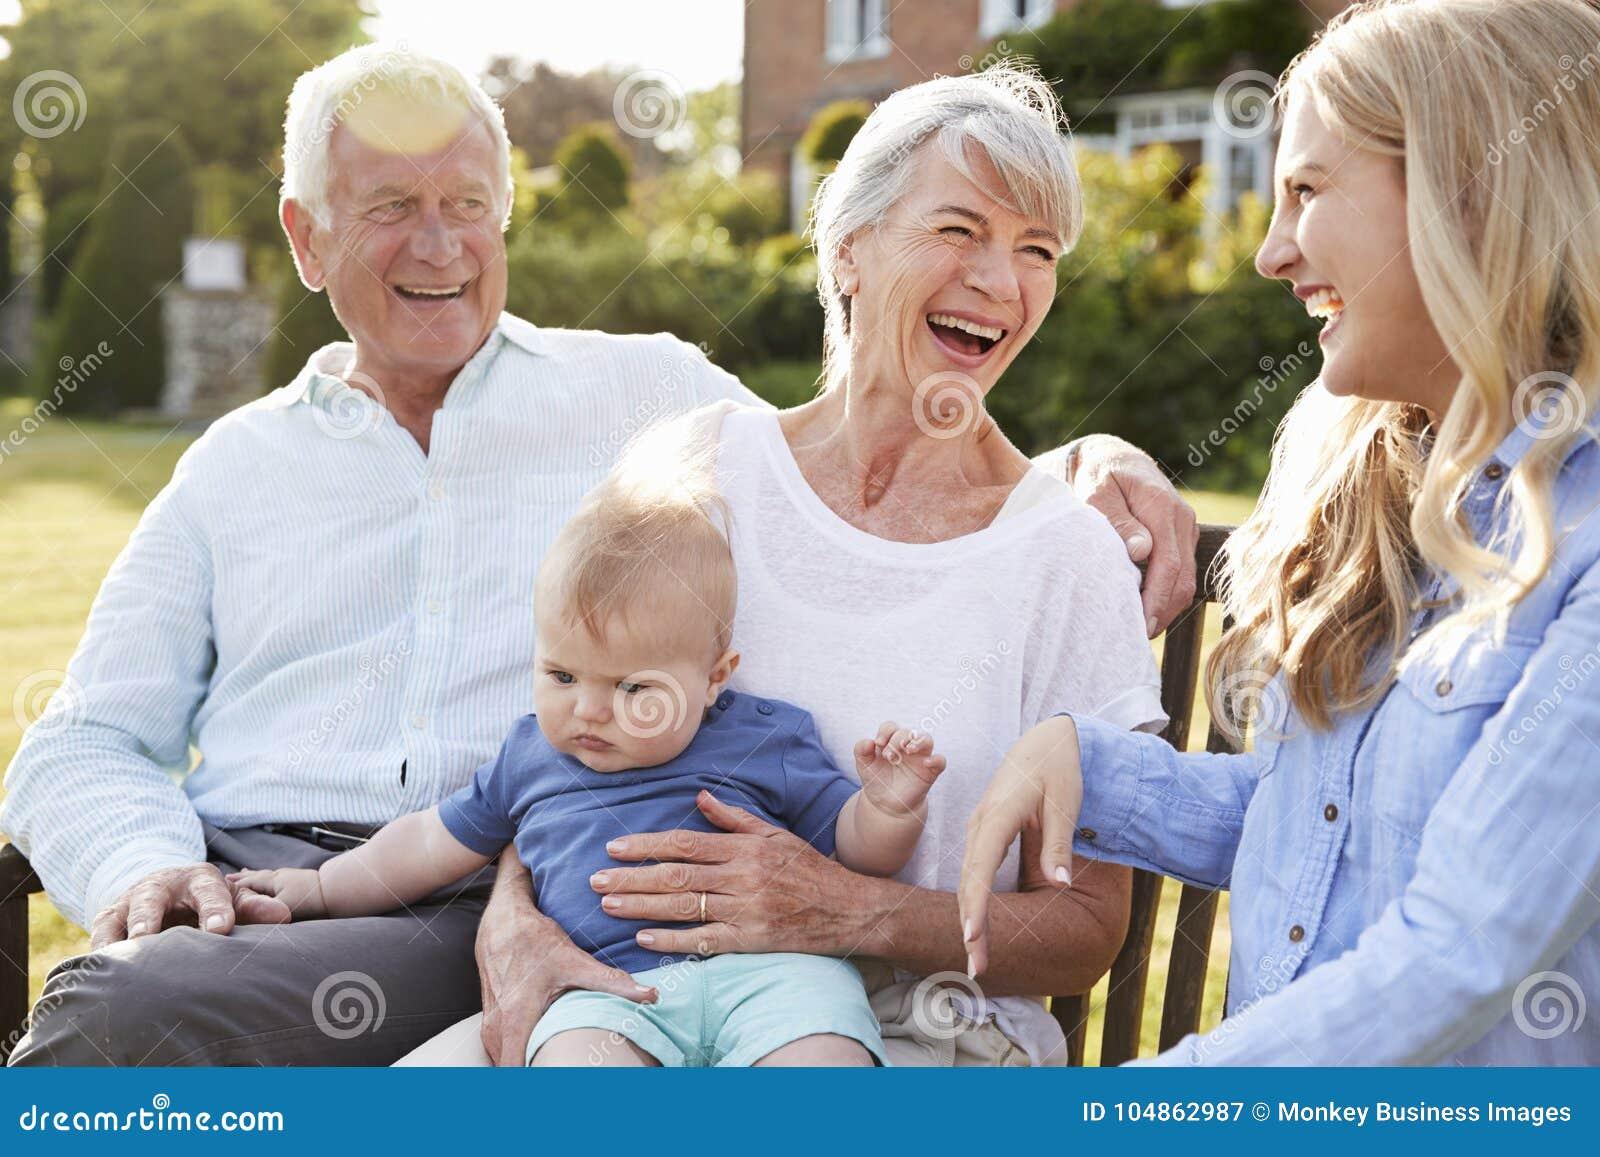 Grootouders Sit Outdoors With Baby Grandson en Volwassen Dochter